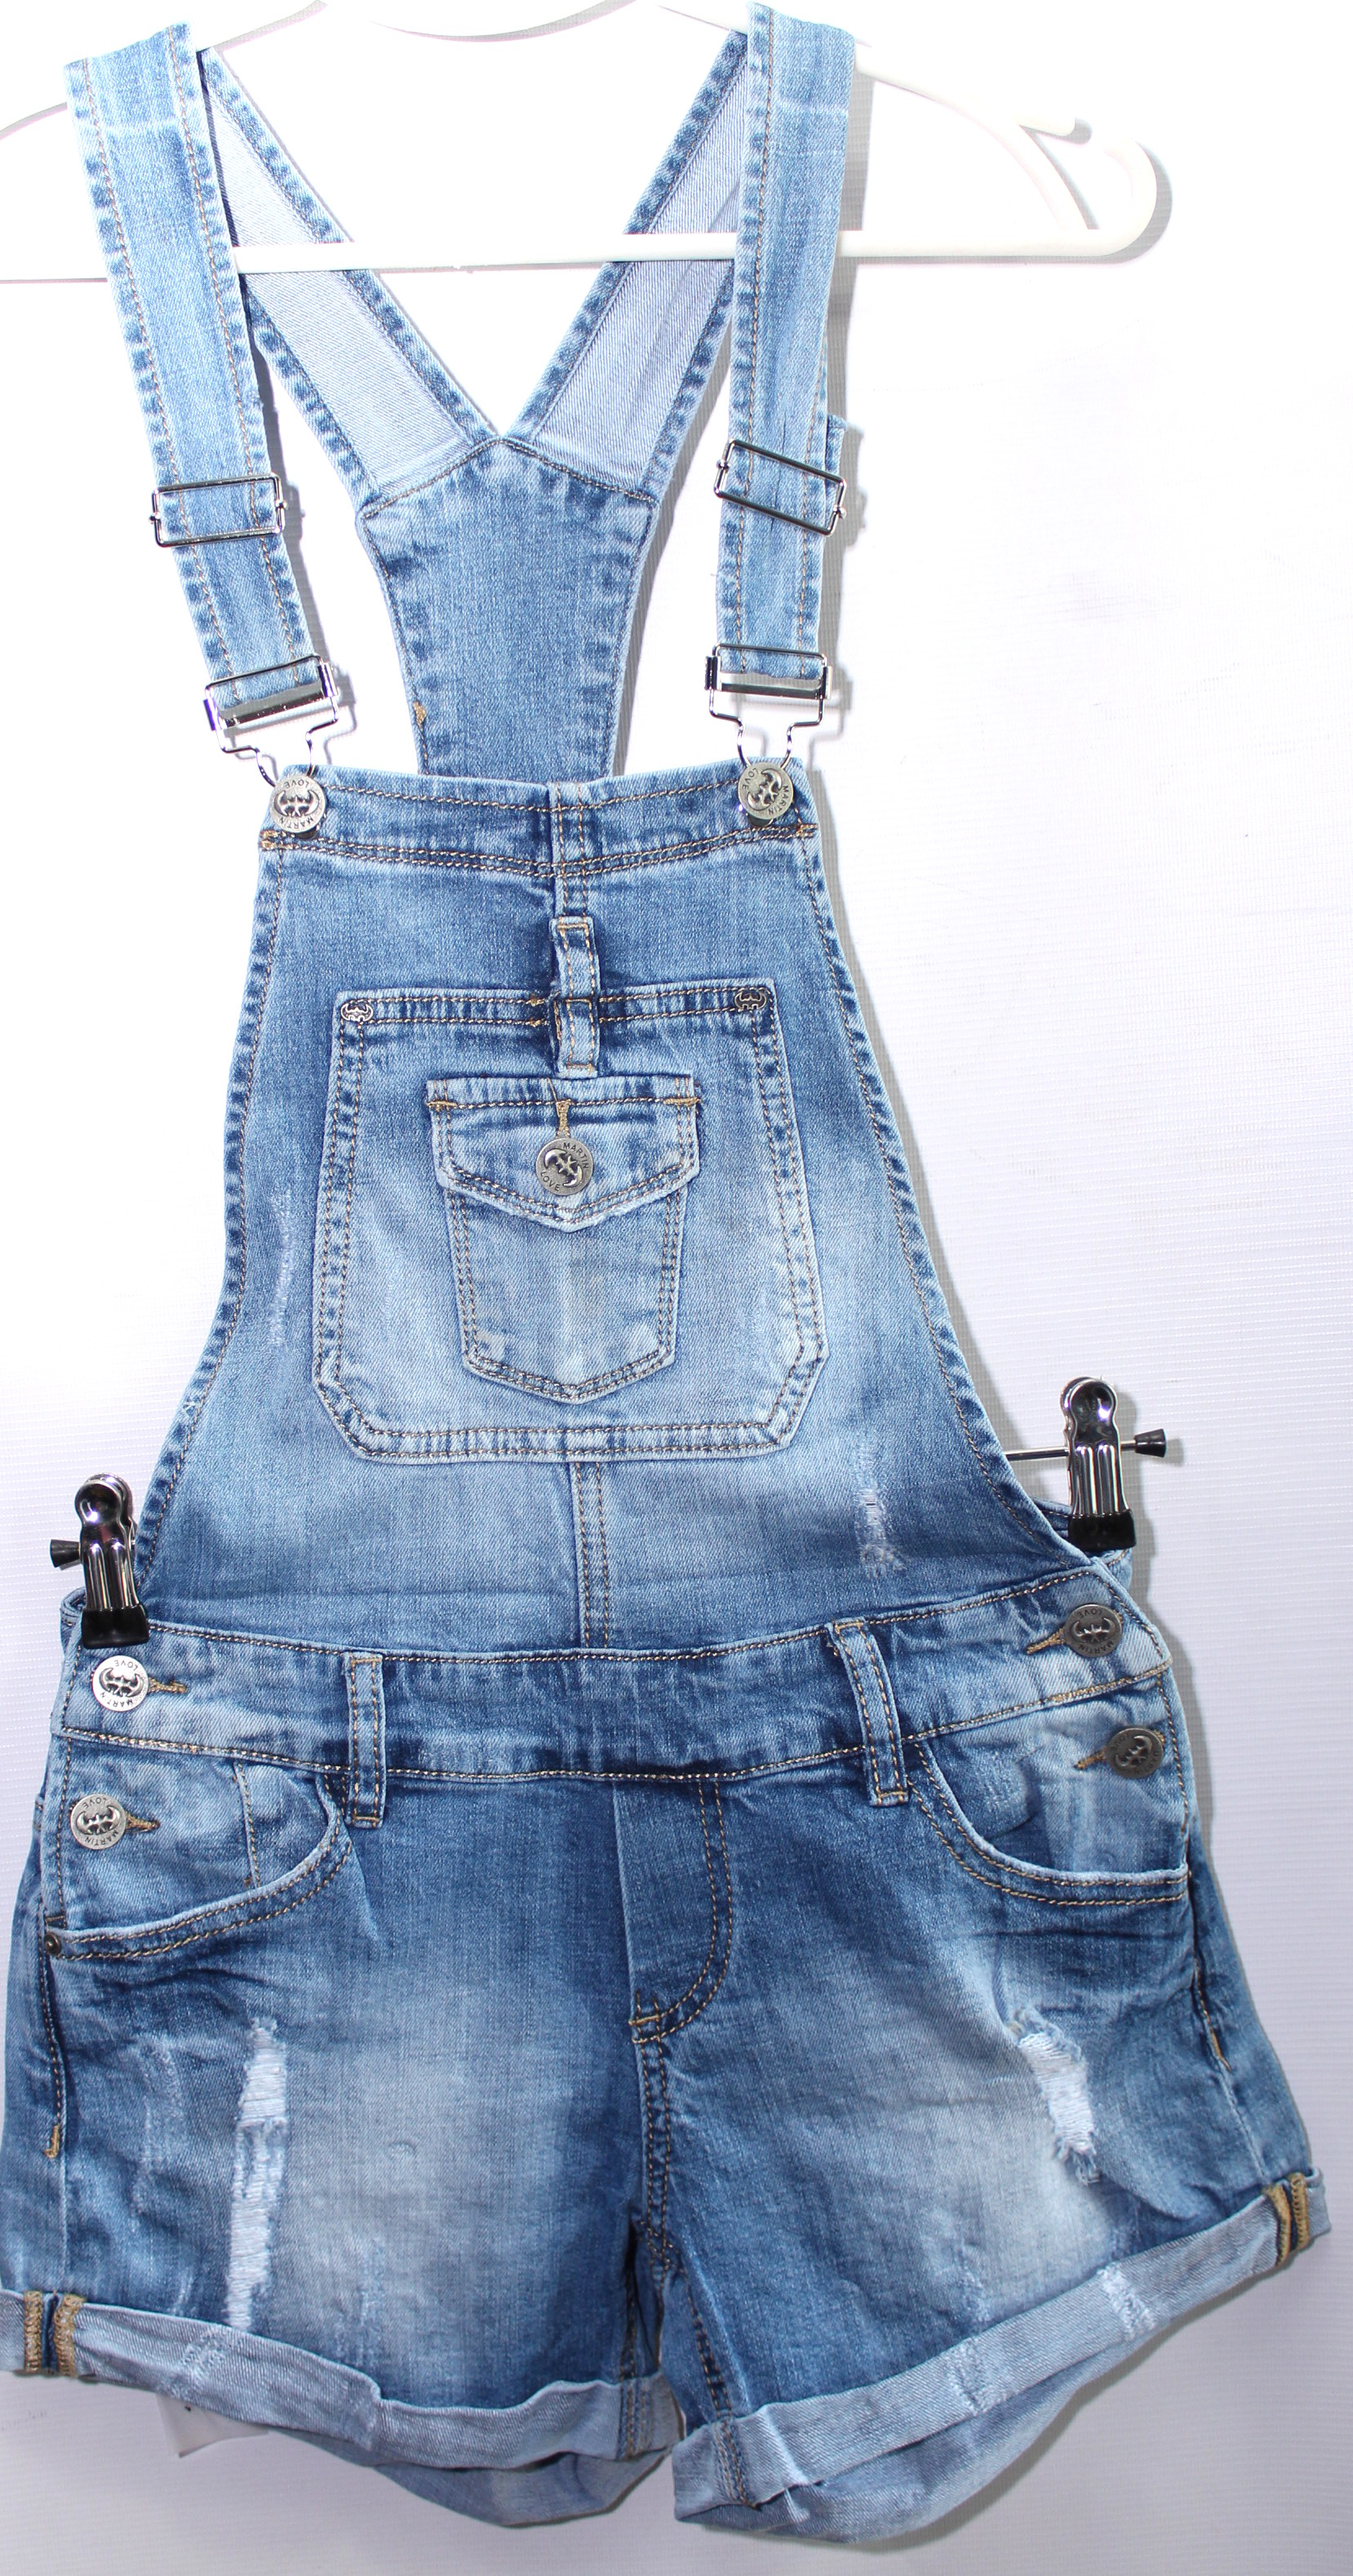 Комбинезоны джинсовые женские ZJY  оптом 54031689 9001